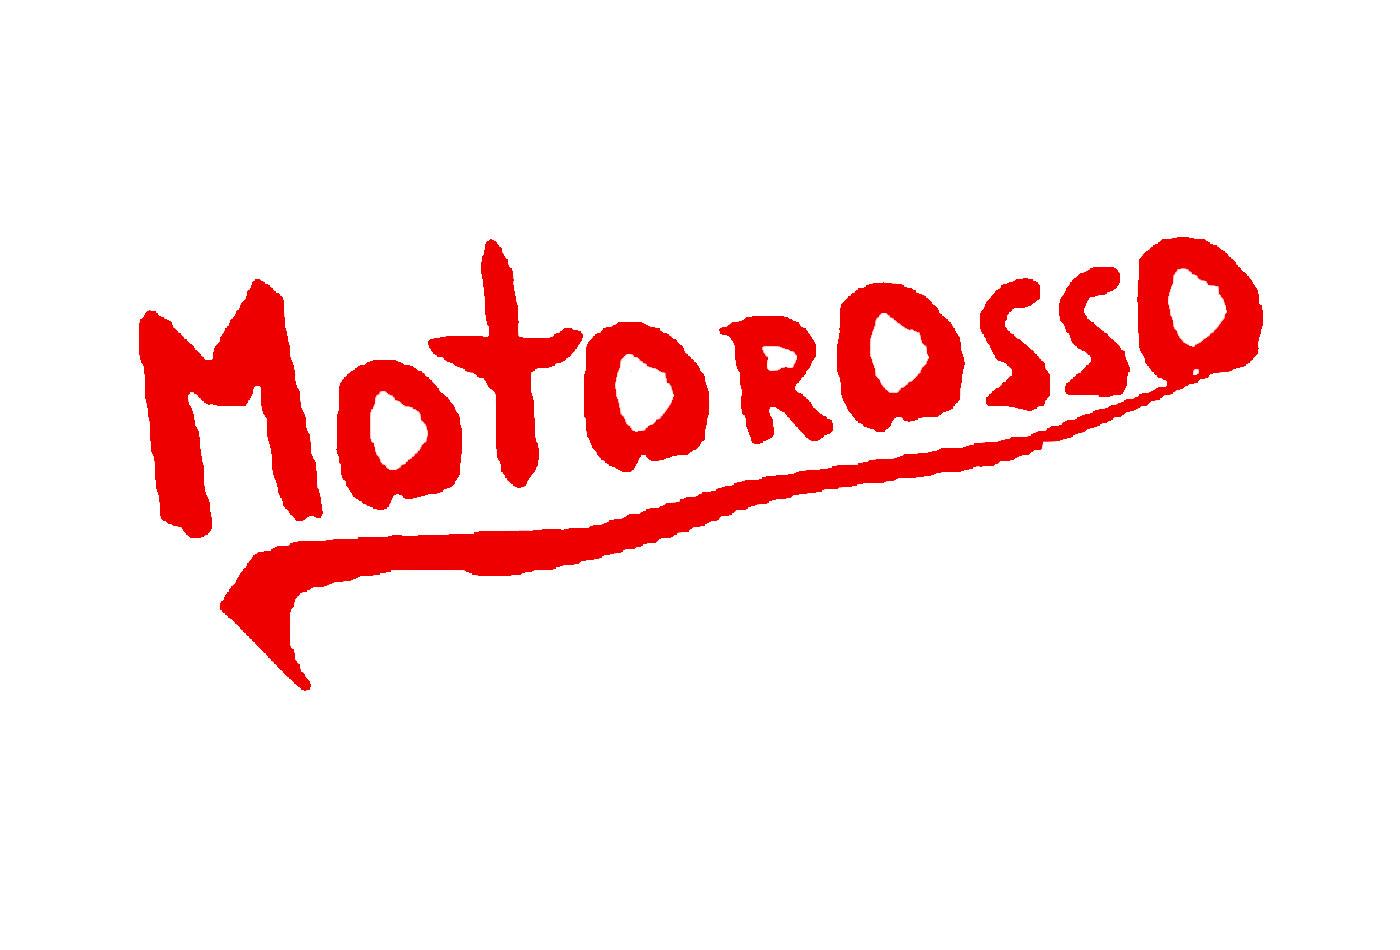 Producer-Logo-Motorosso.jpg